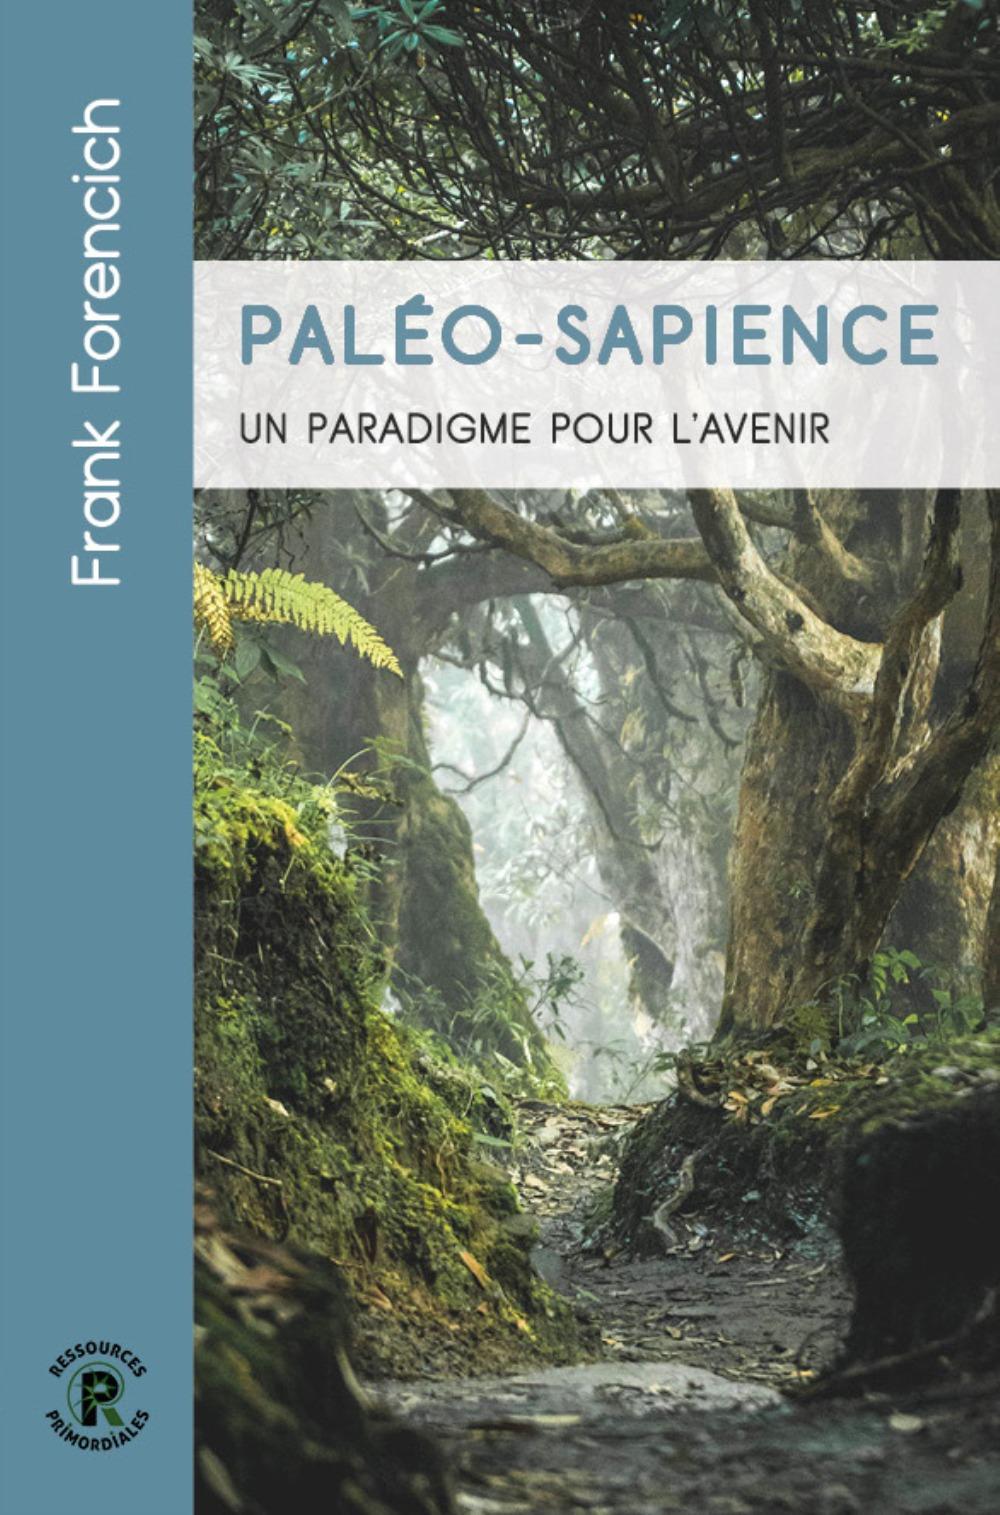 PALEO-SAPIENCE